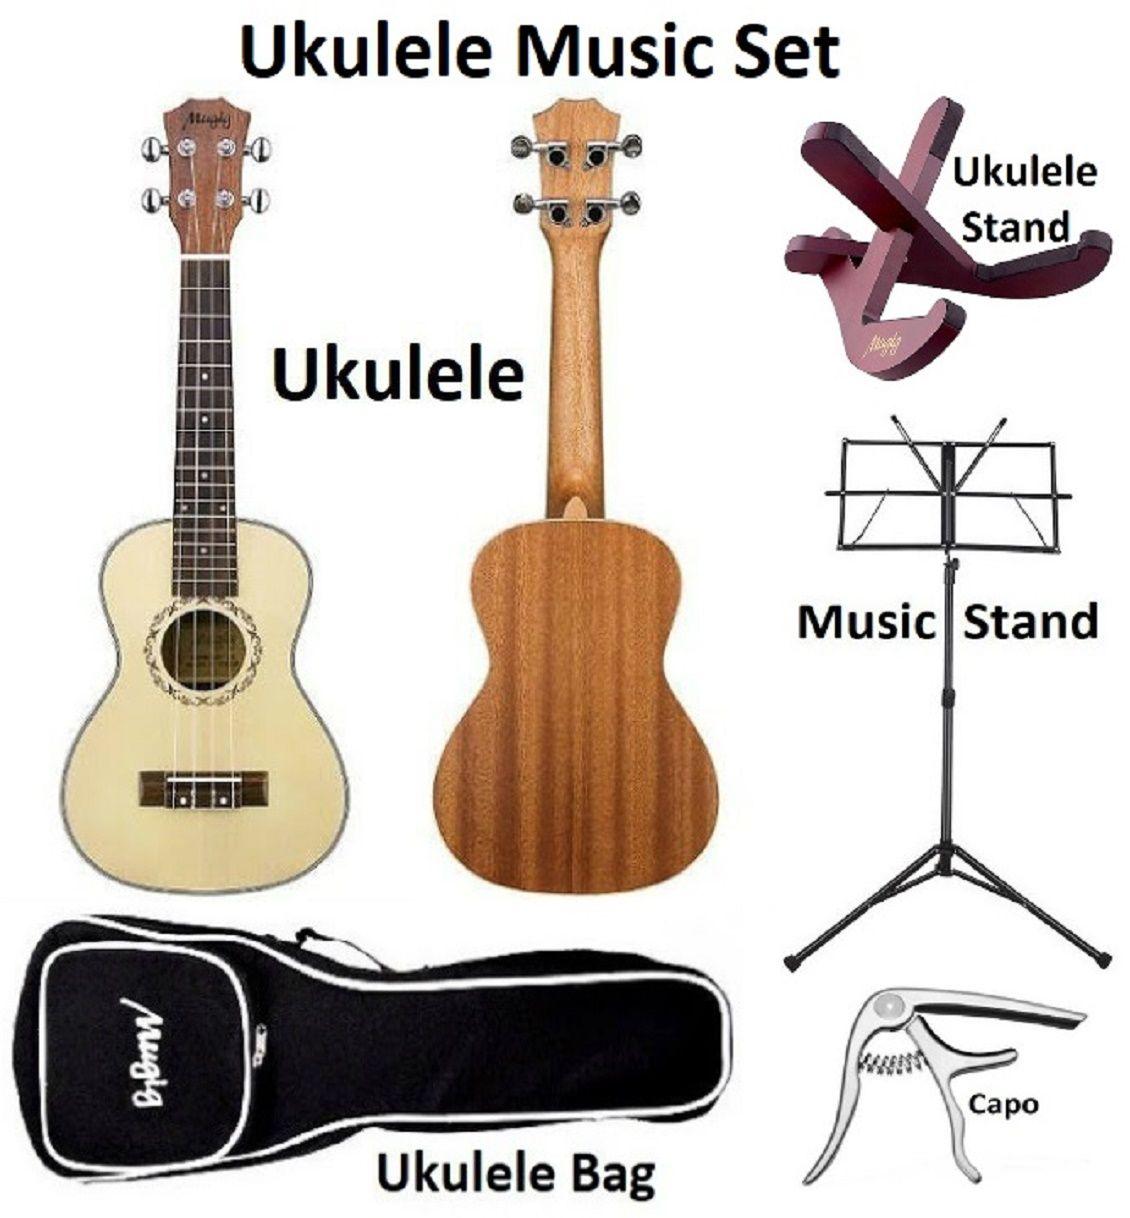 Mugig Ukulele Set, Music Stand, Capo, Ukulele Stand, Storage Bags, 23